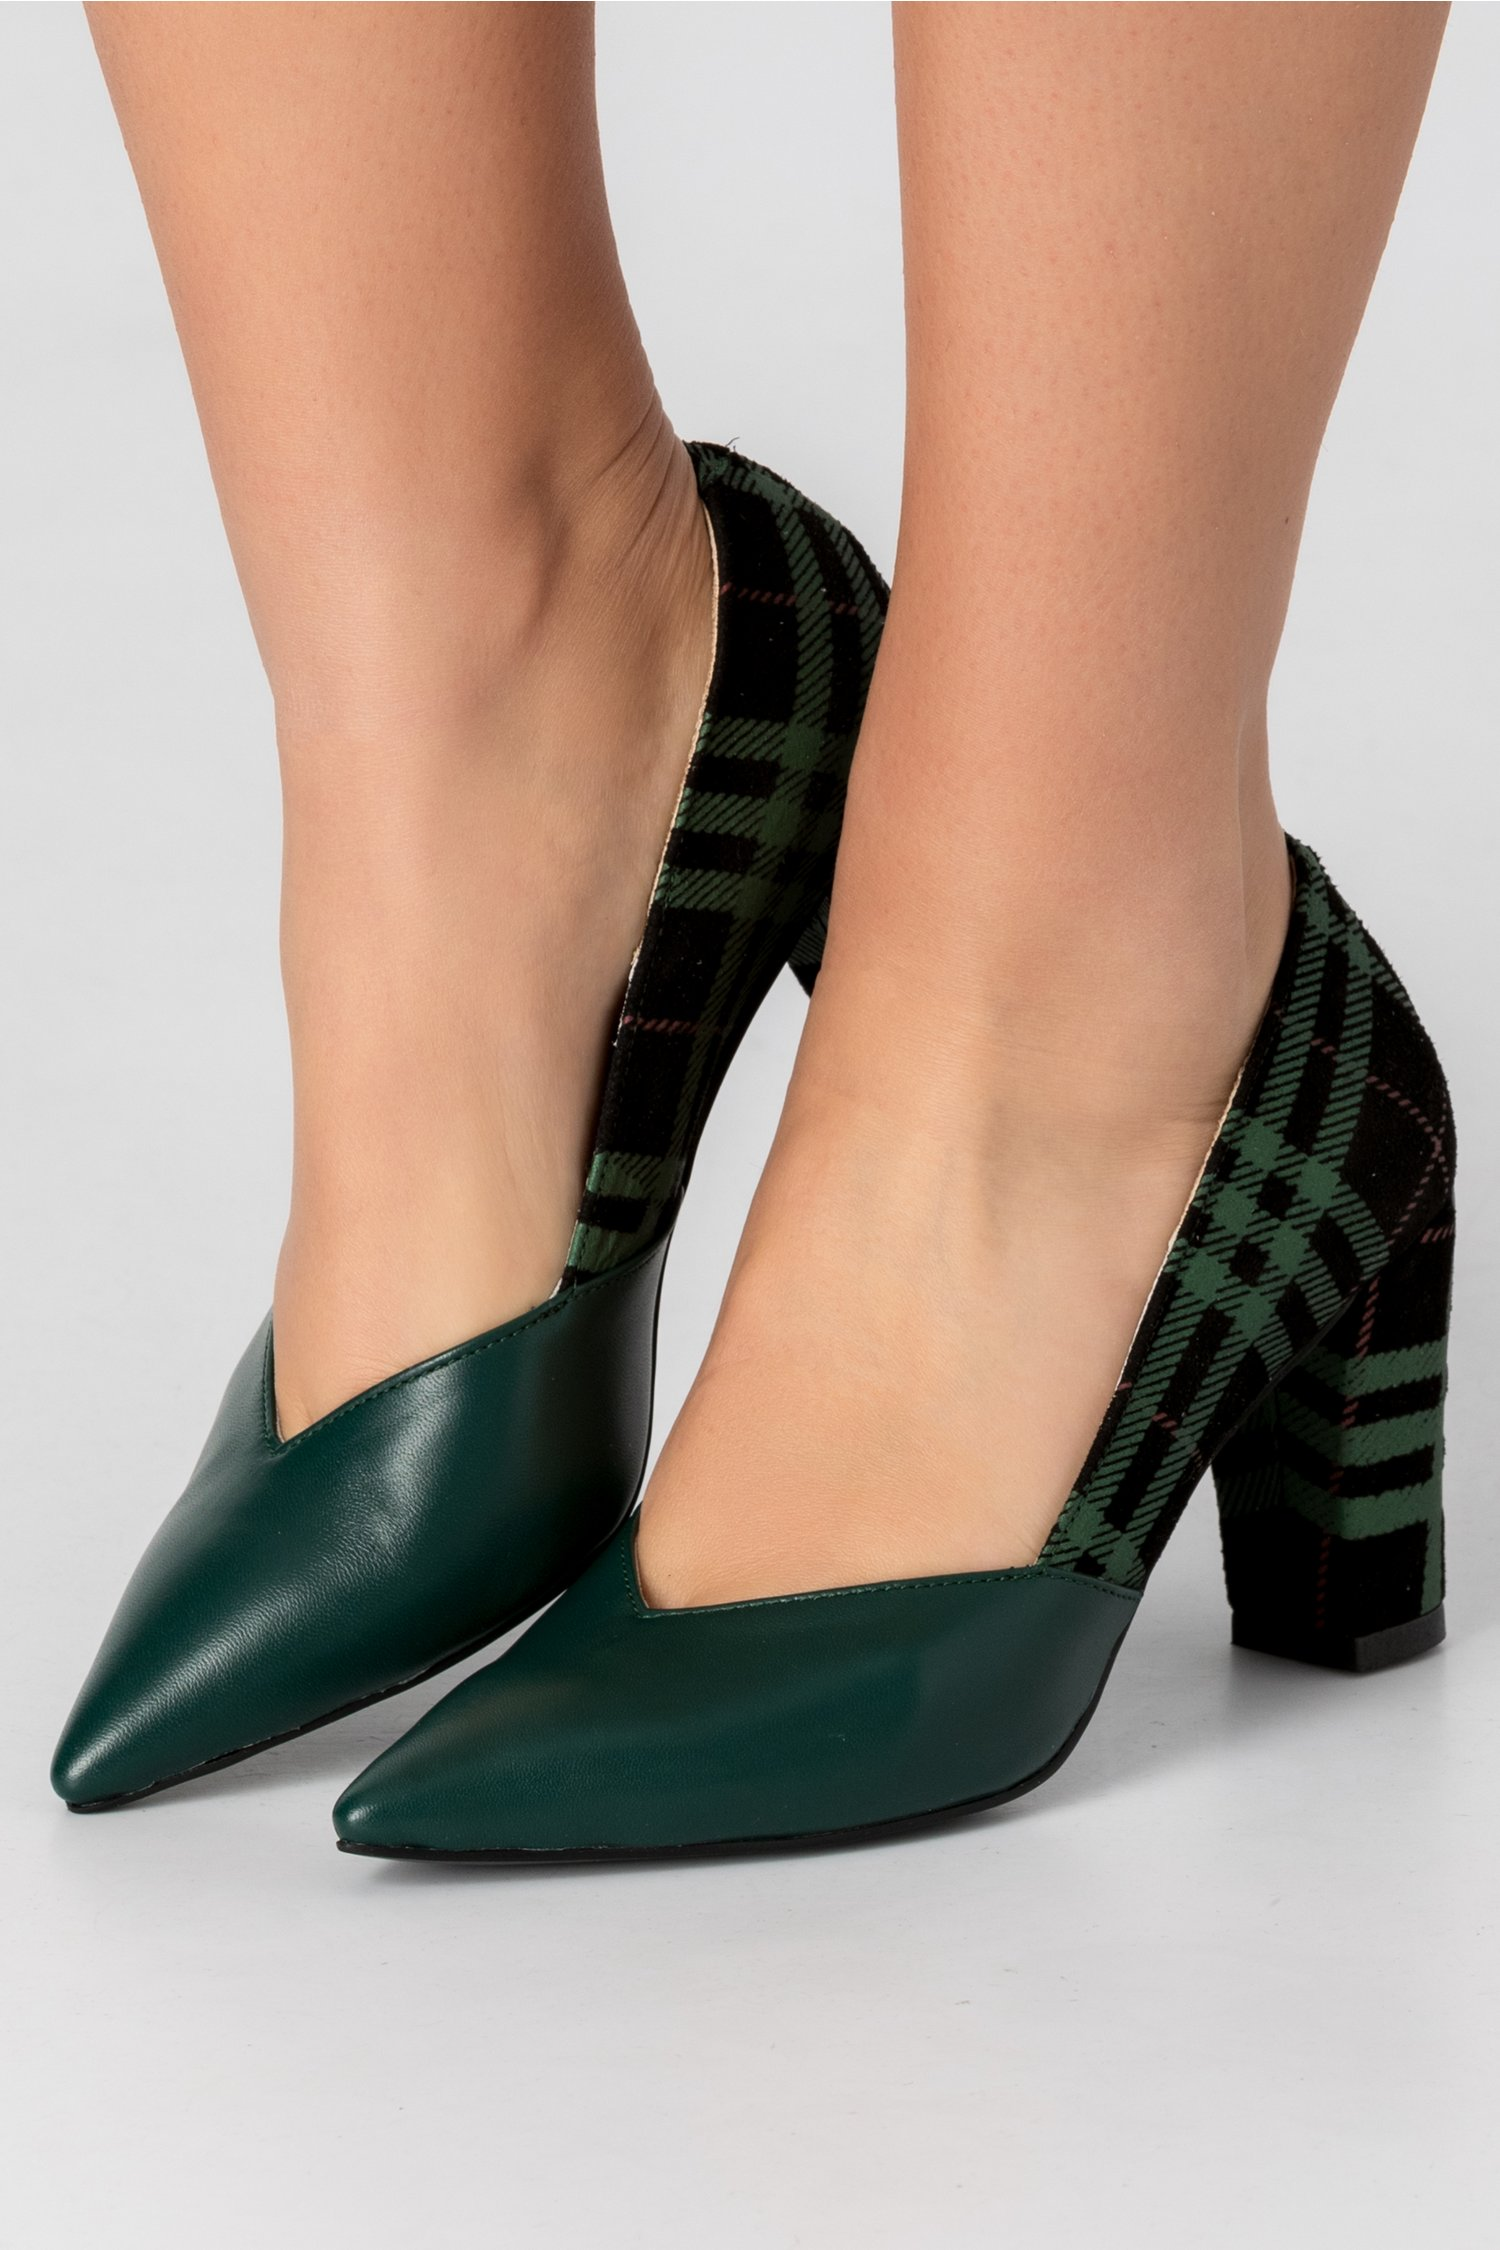 Pantofi verde inchis cu imprimeu in carouri la spate